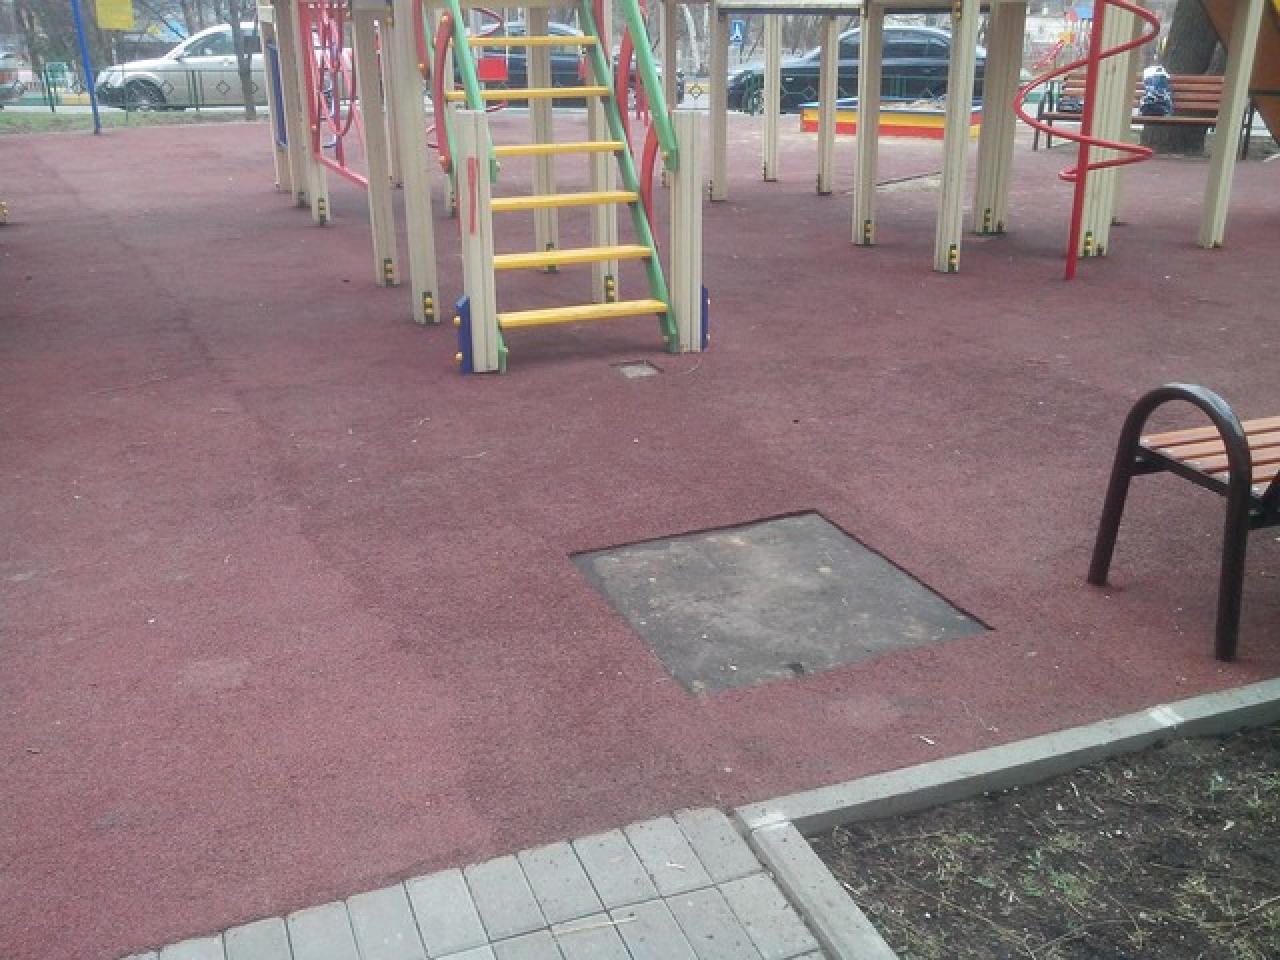 Ремонт и обслуживание спортивных и детских площадок - 2